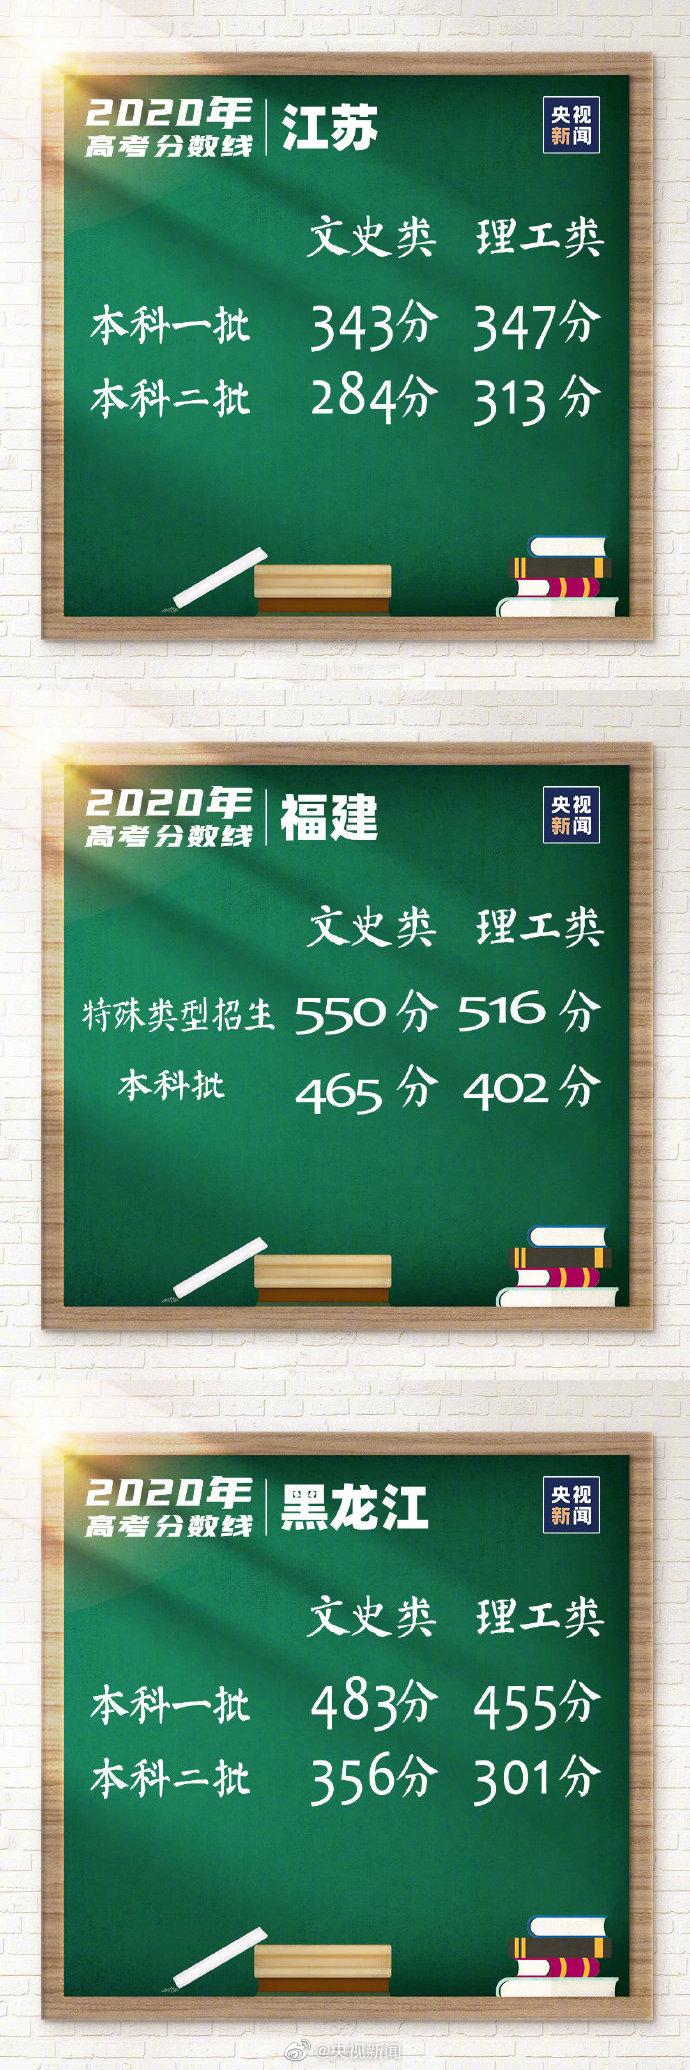 汇总|31省区市高考分数线全部公布